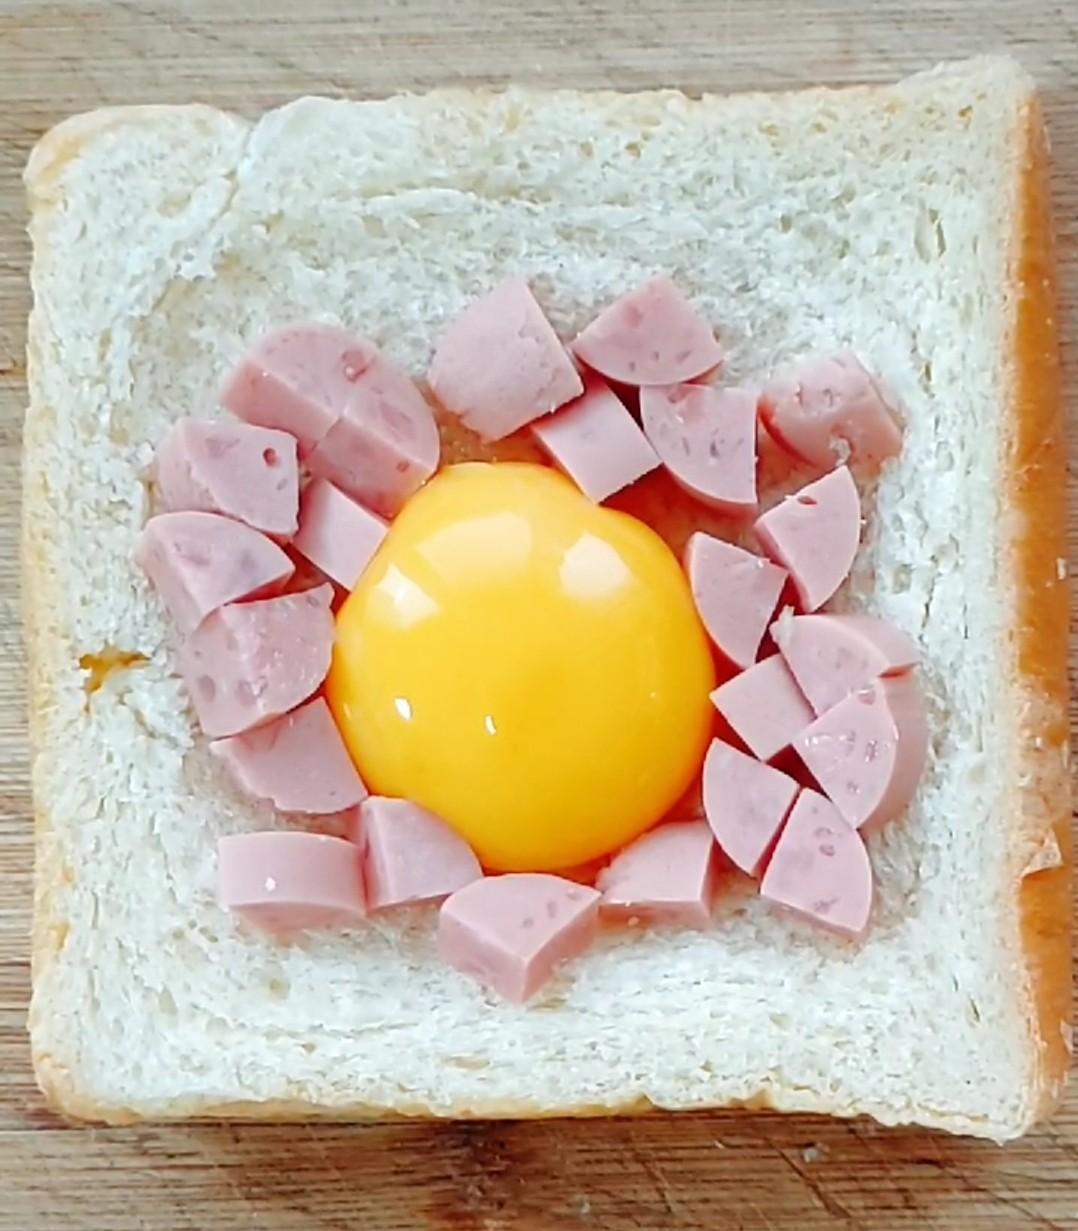 鸡蛋烤土司怎么煮